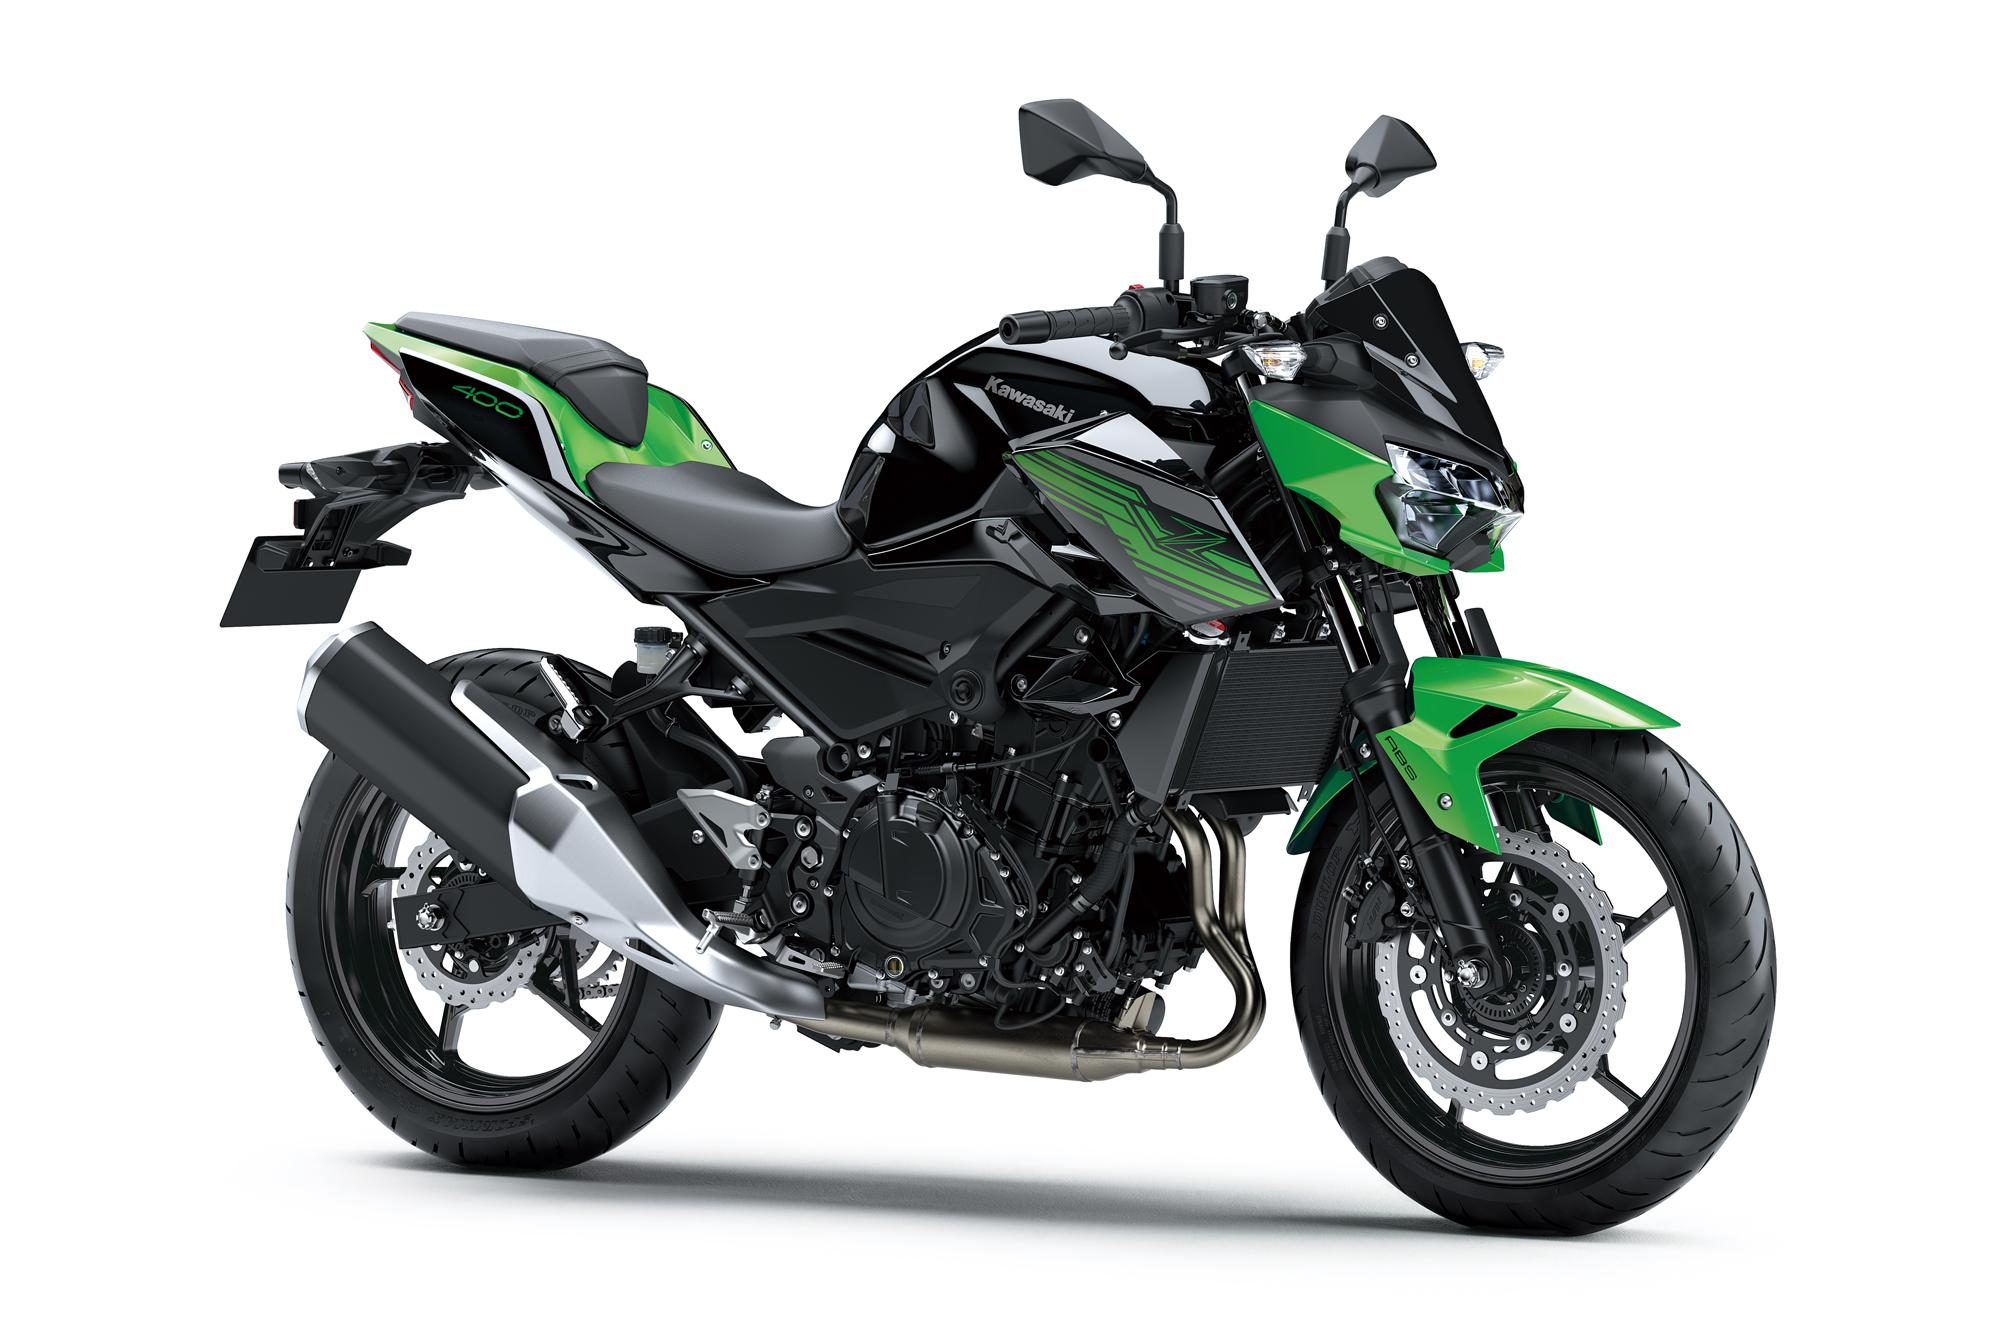 Win a Kawasaki Z400 motorcycle